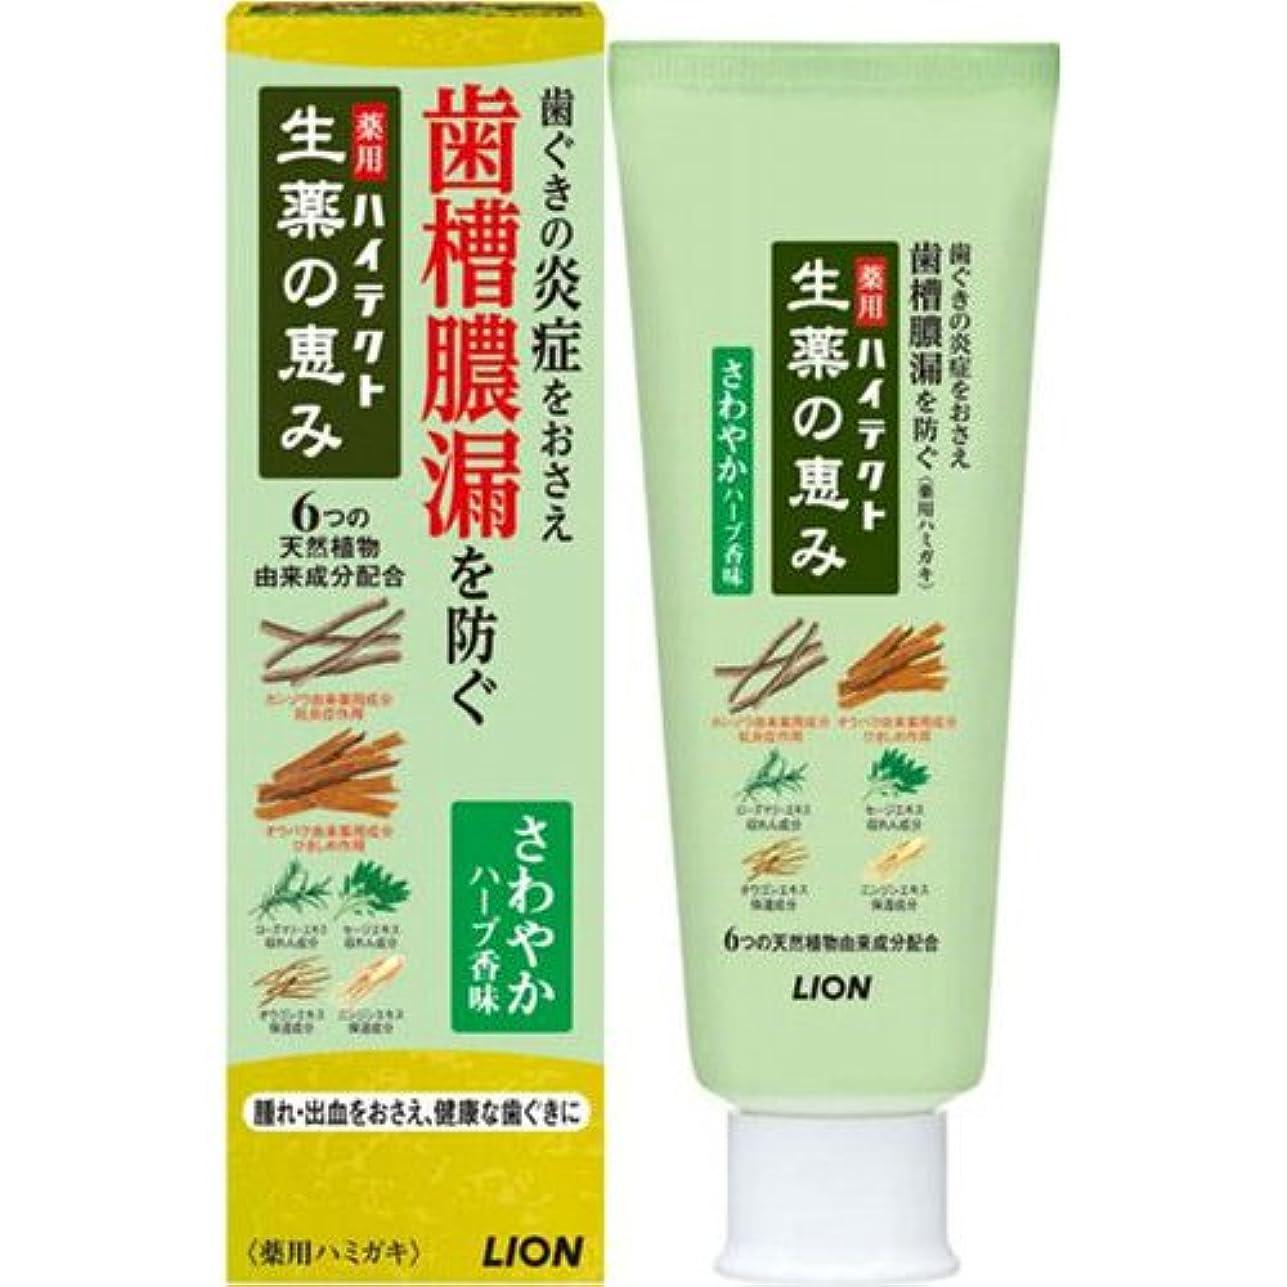 動ランタン撤退【ライオン】ハイテクト 生薬の恵み さわやかハーブ香味 90g ×3個セット